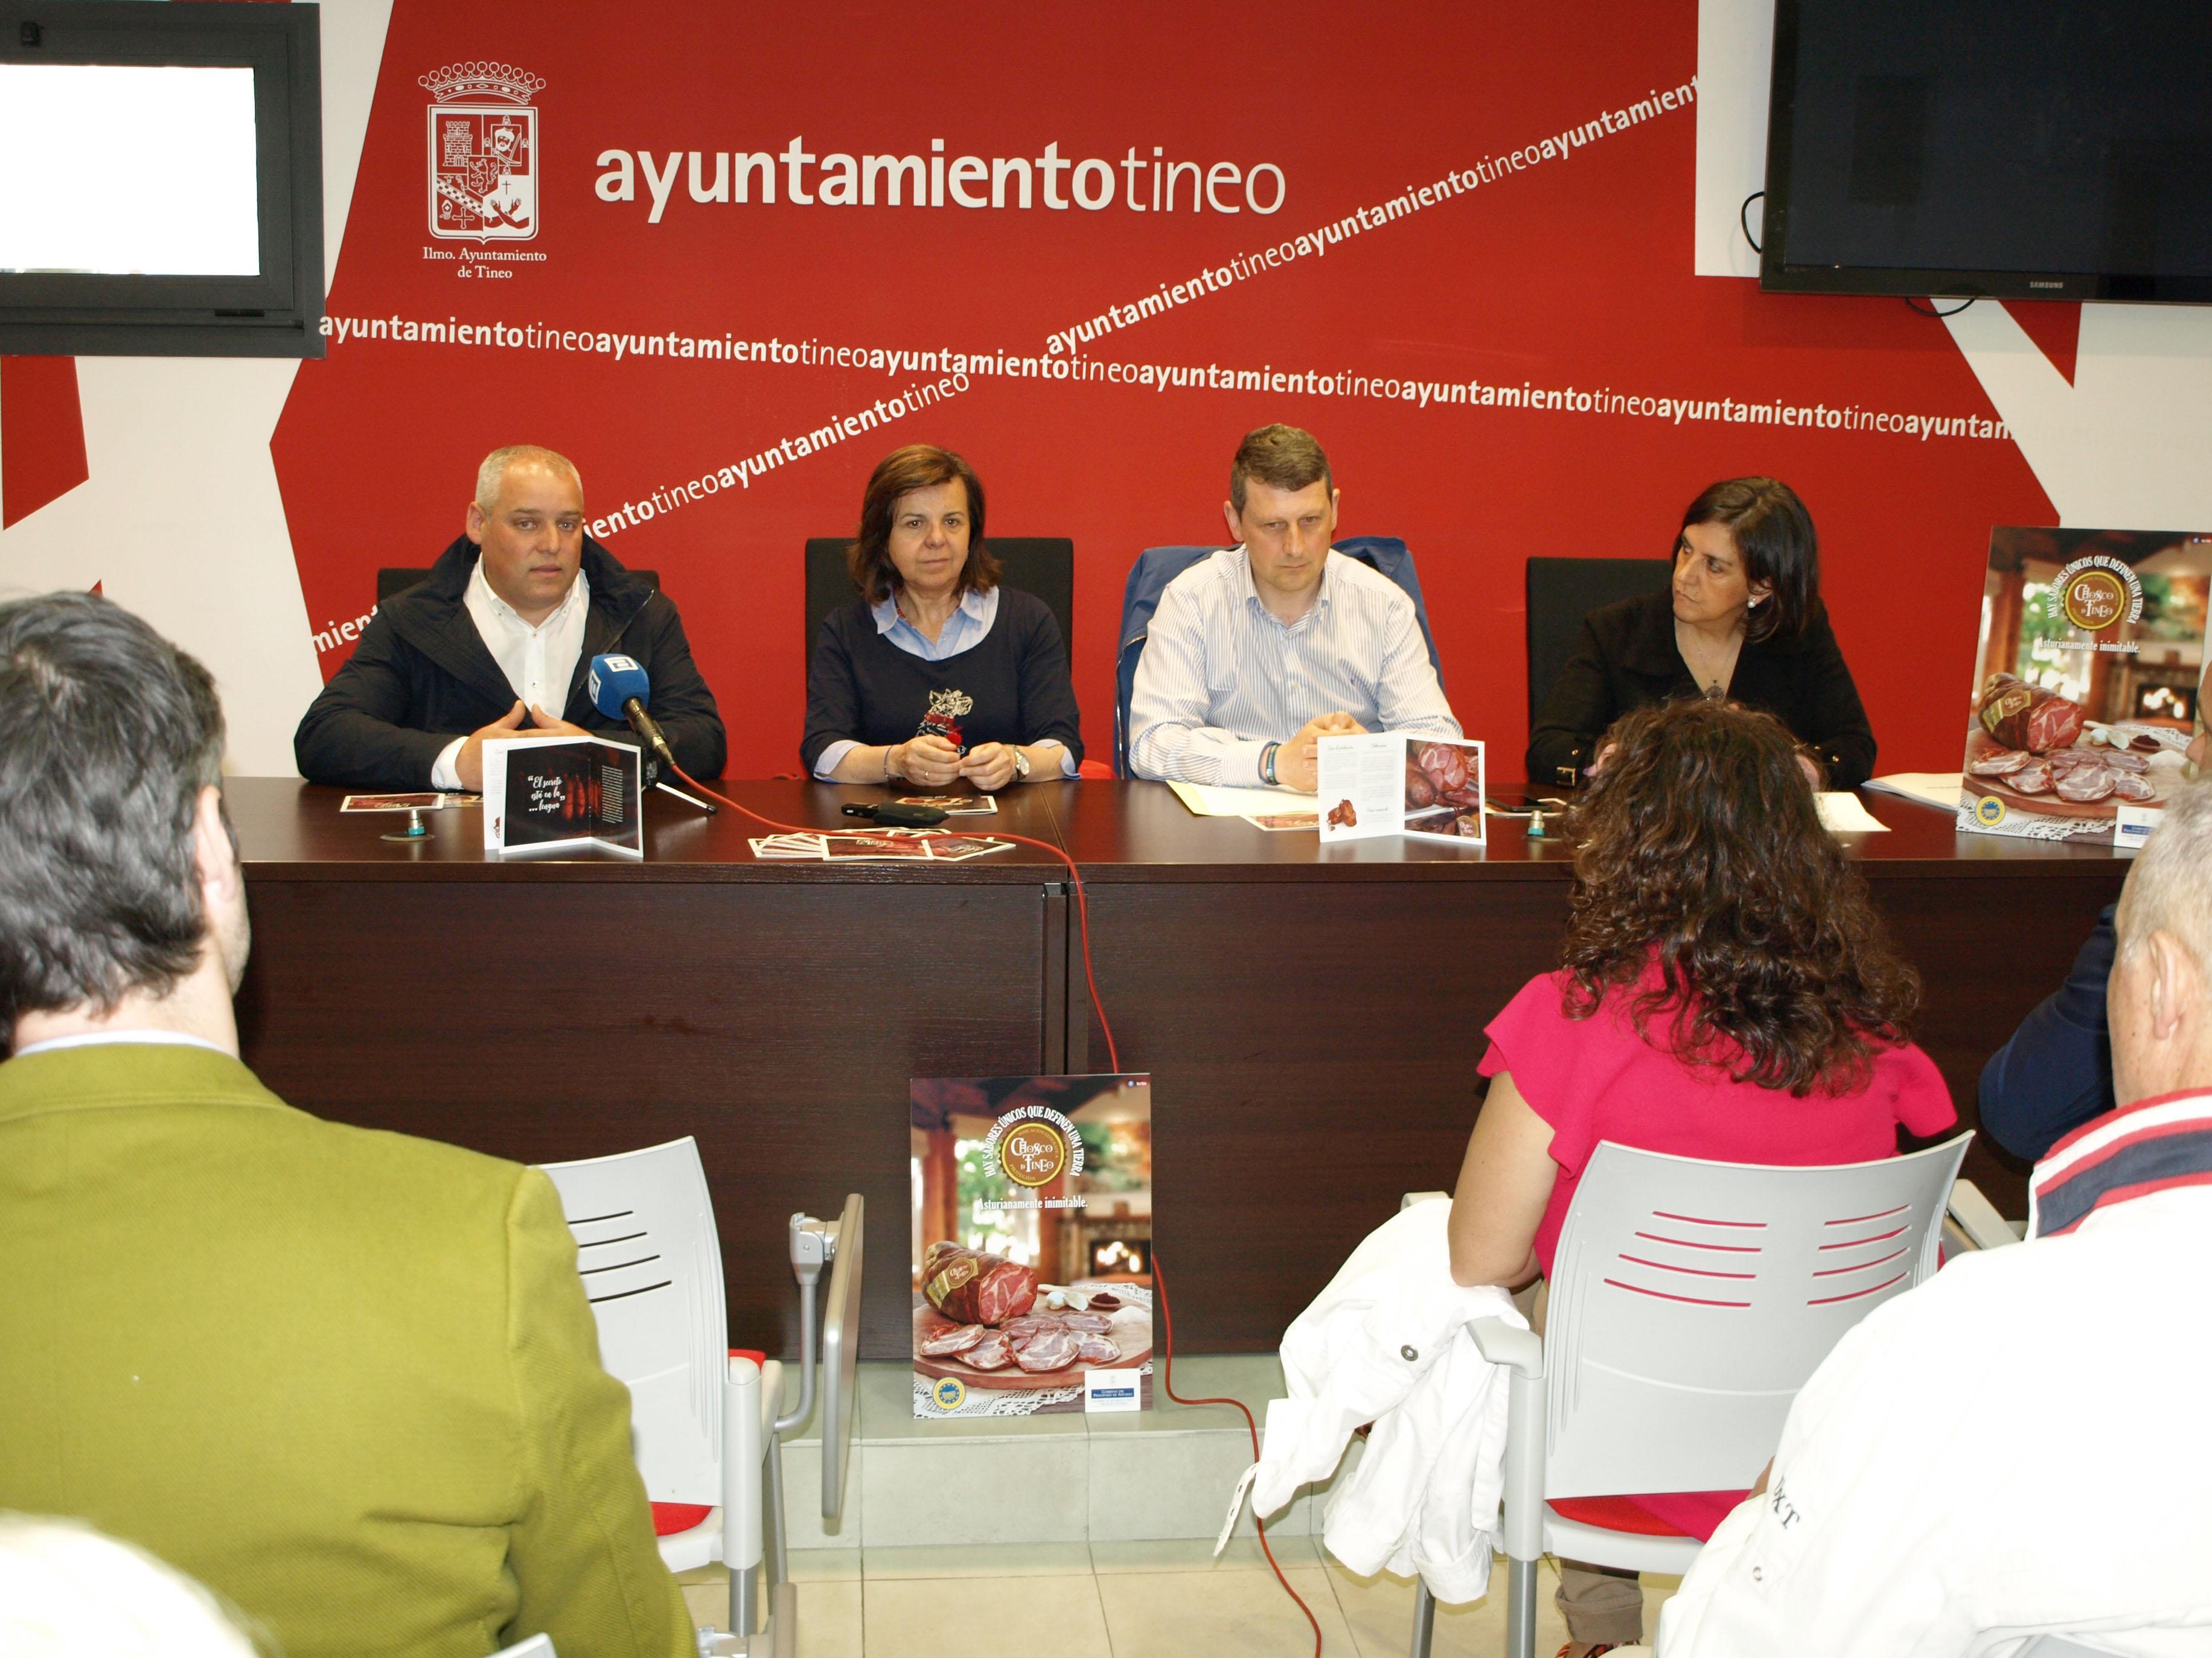 TINEO.- La I.G.P. Chosco de Tineo presenta su primera campaña publicitaria.